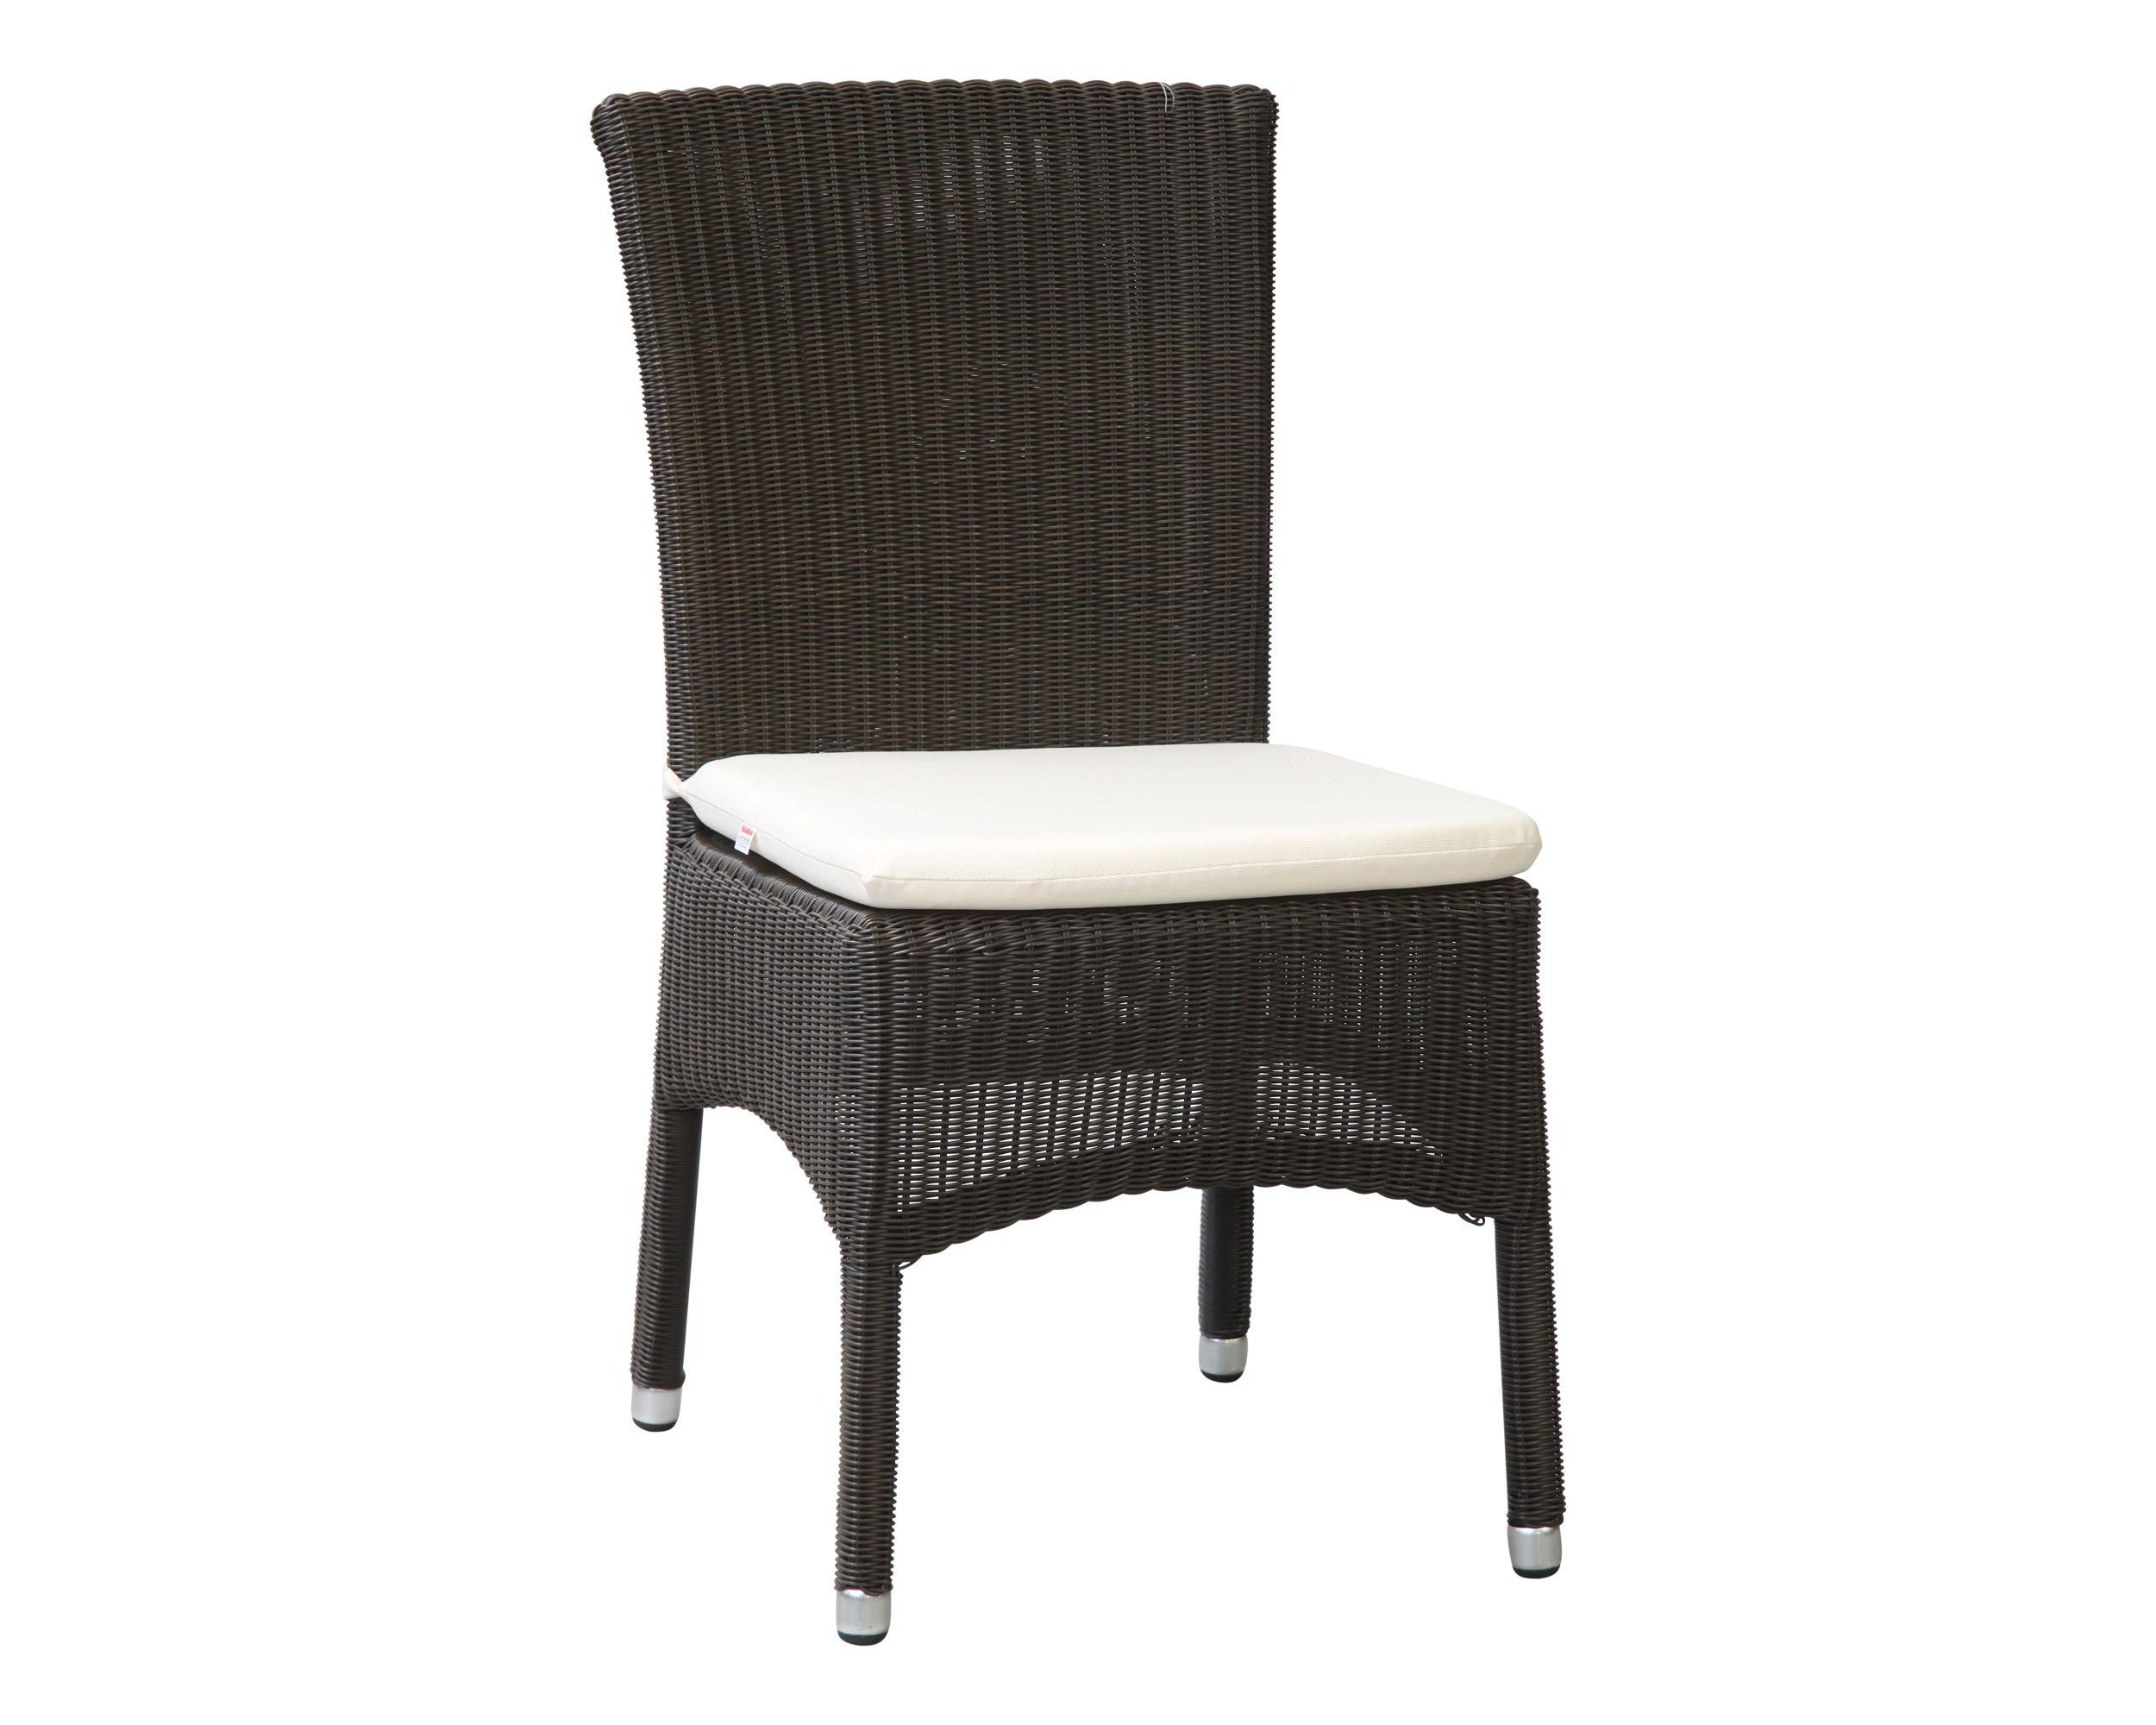 Sessel Kiba, ohne Armlehnen